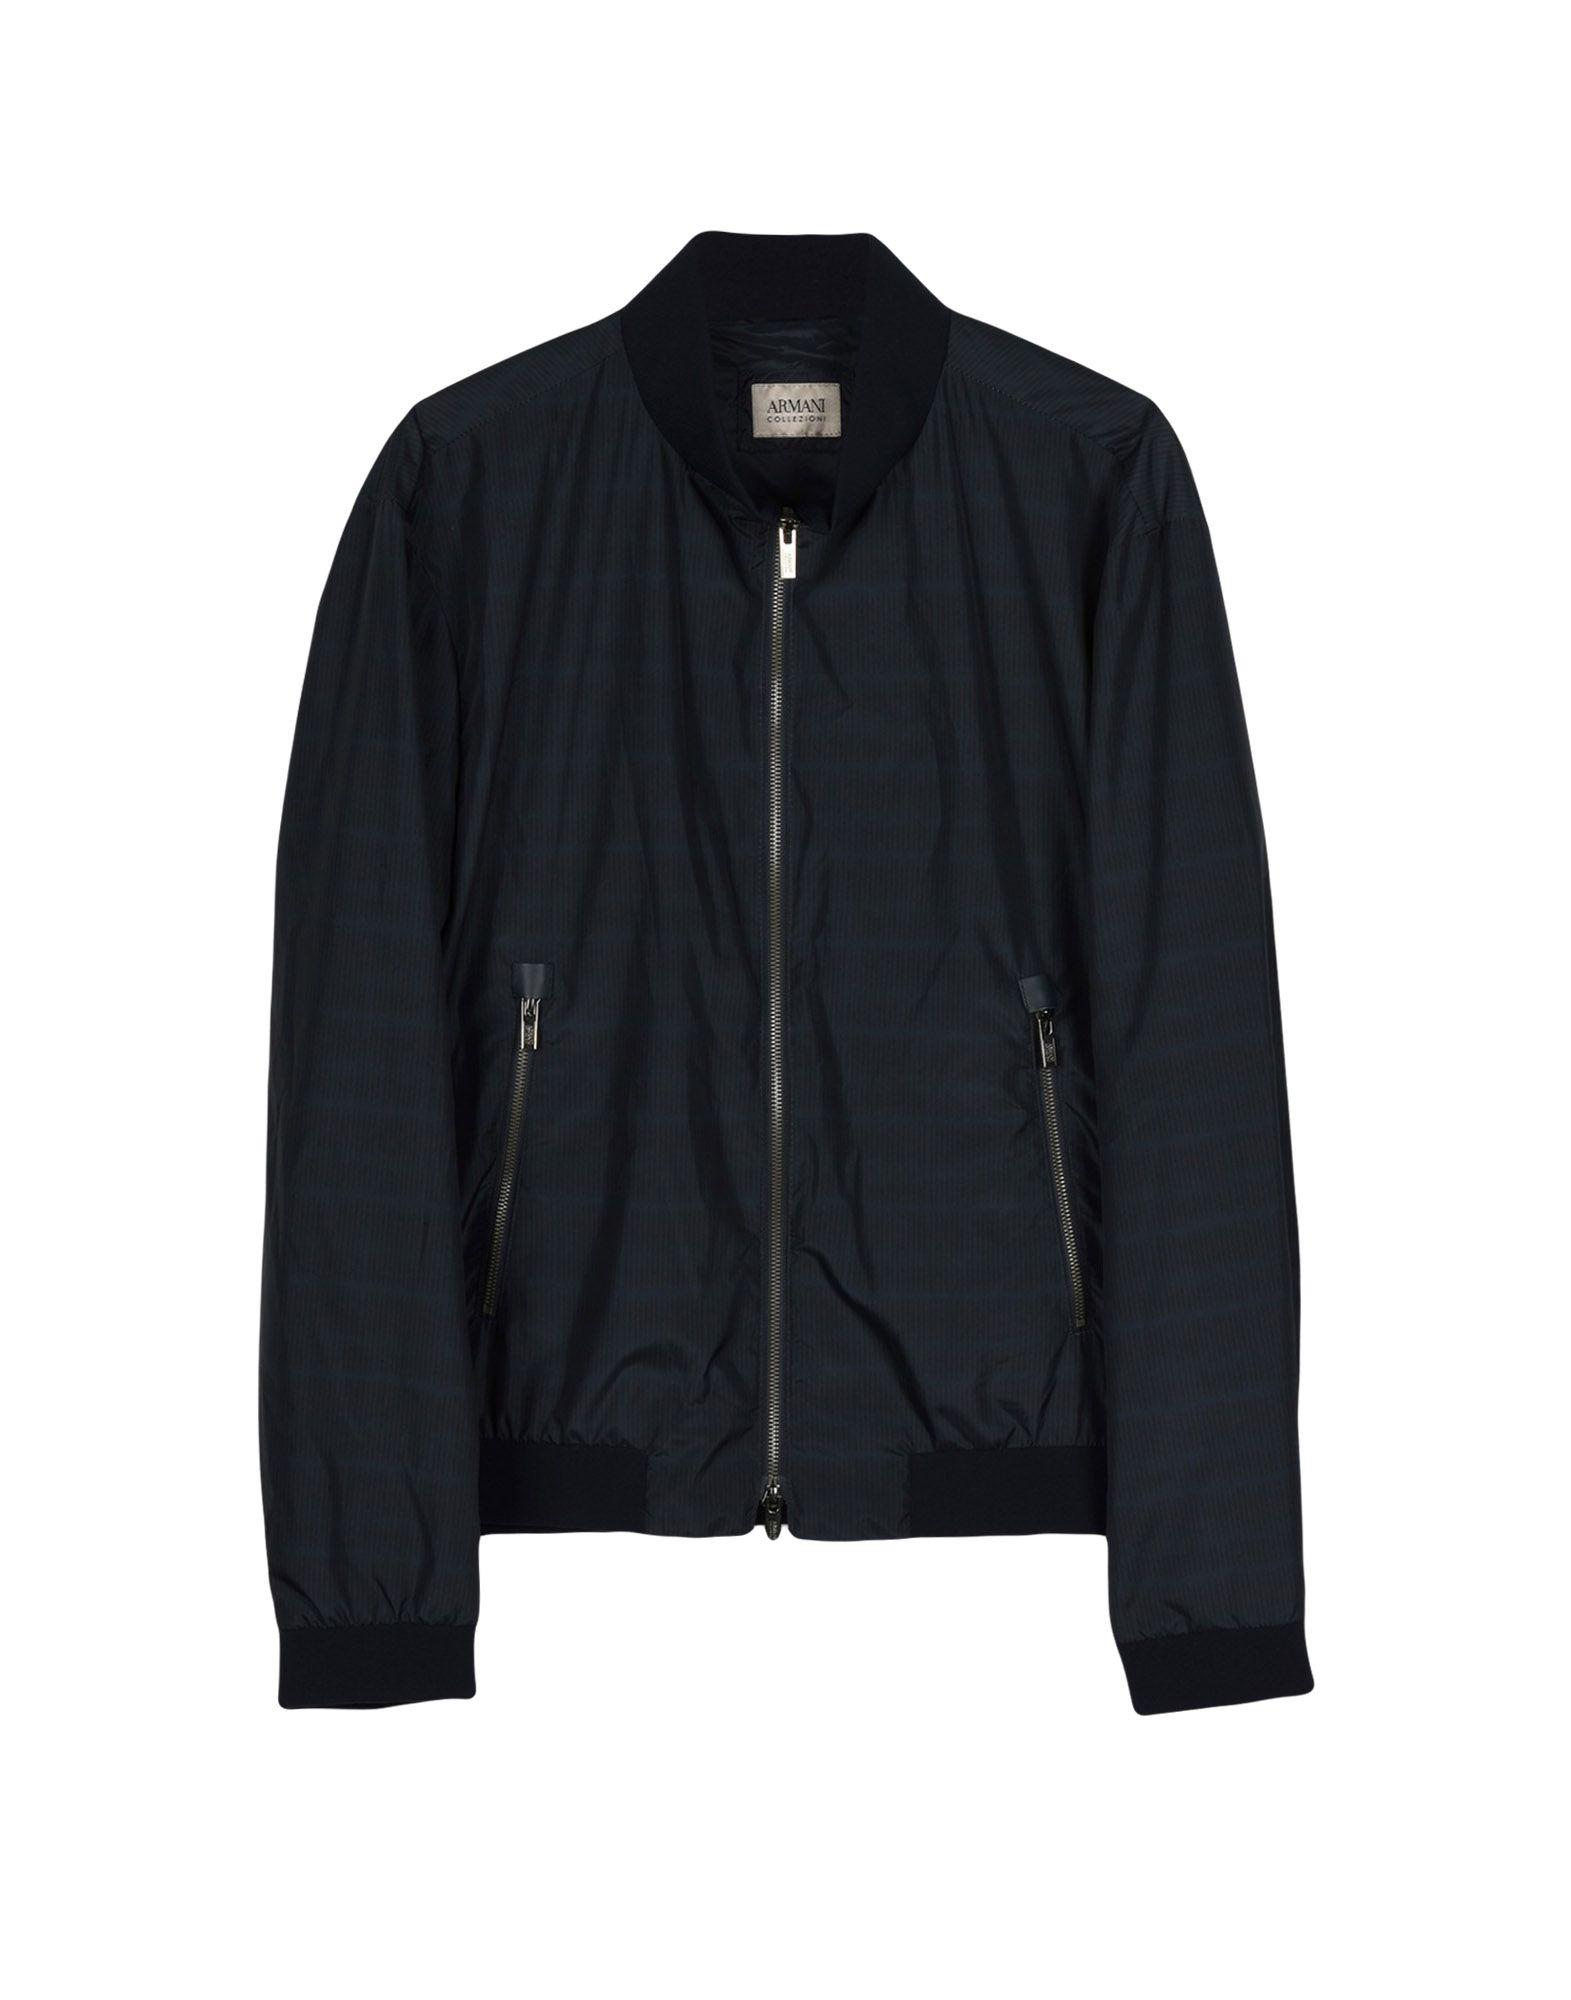 ARMANI COLLEZIONI Куртка куртка бомбер короткая в полоску с вышивкой 100